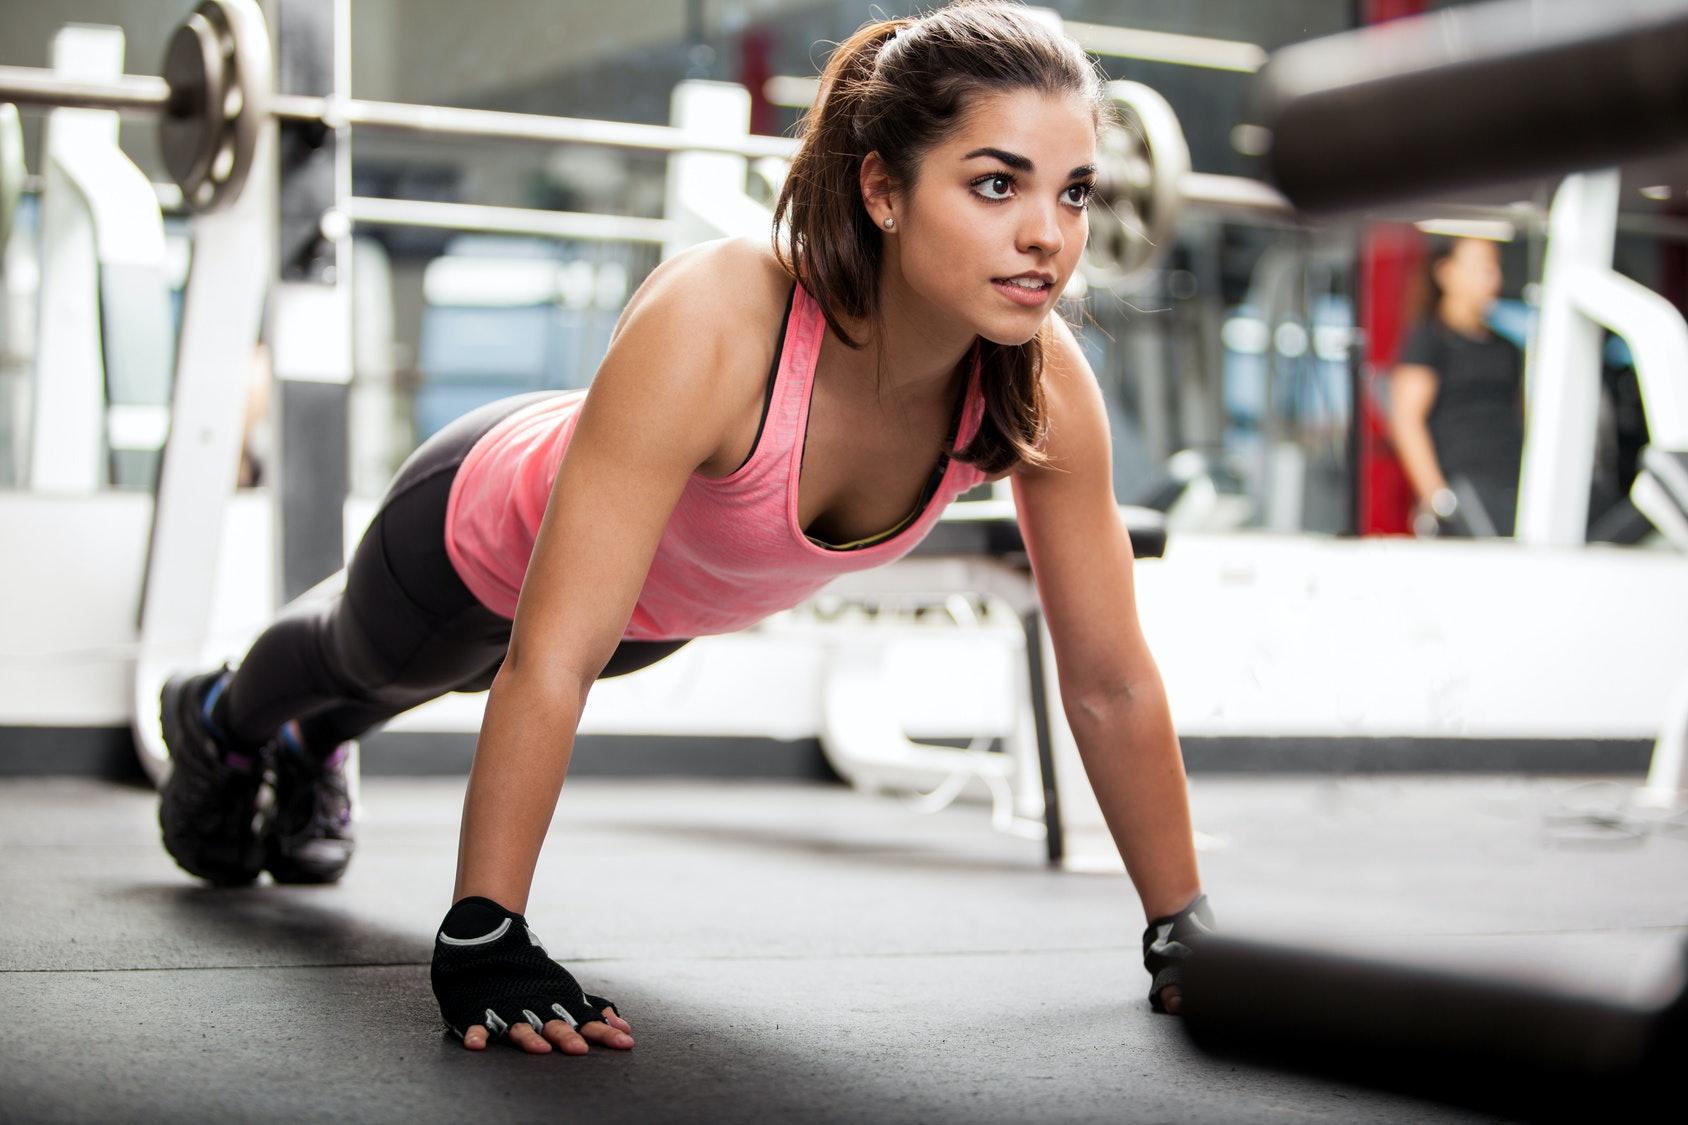 Leg workout at gym woman intimidating